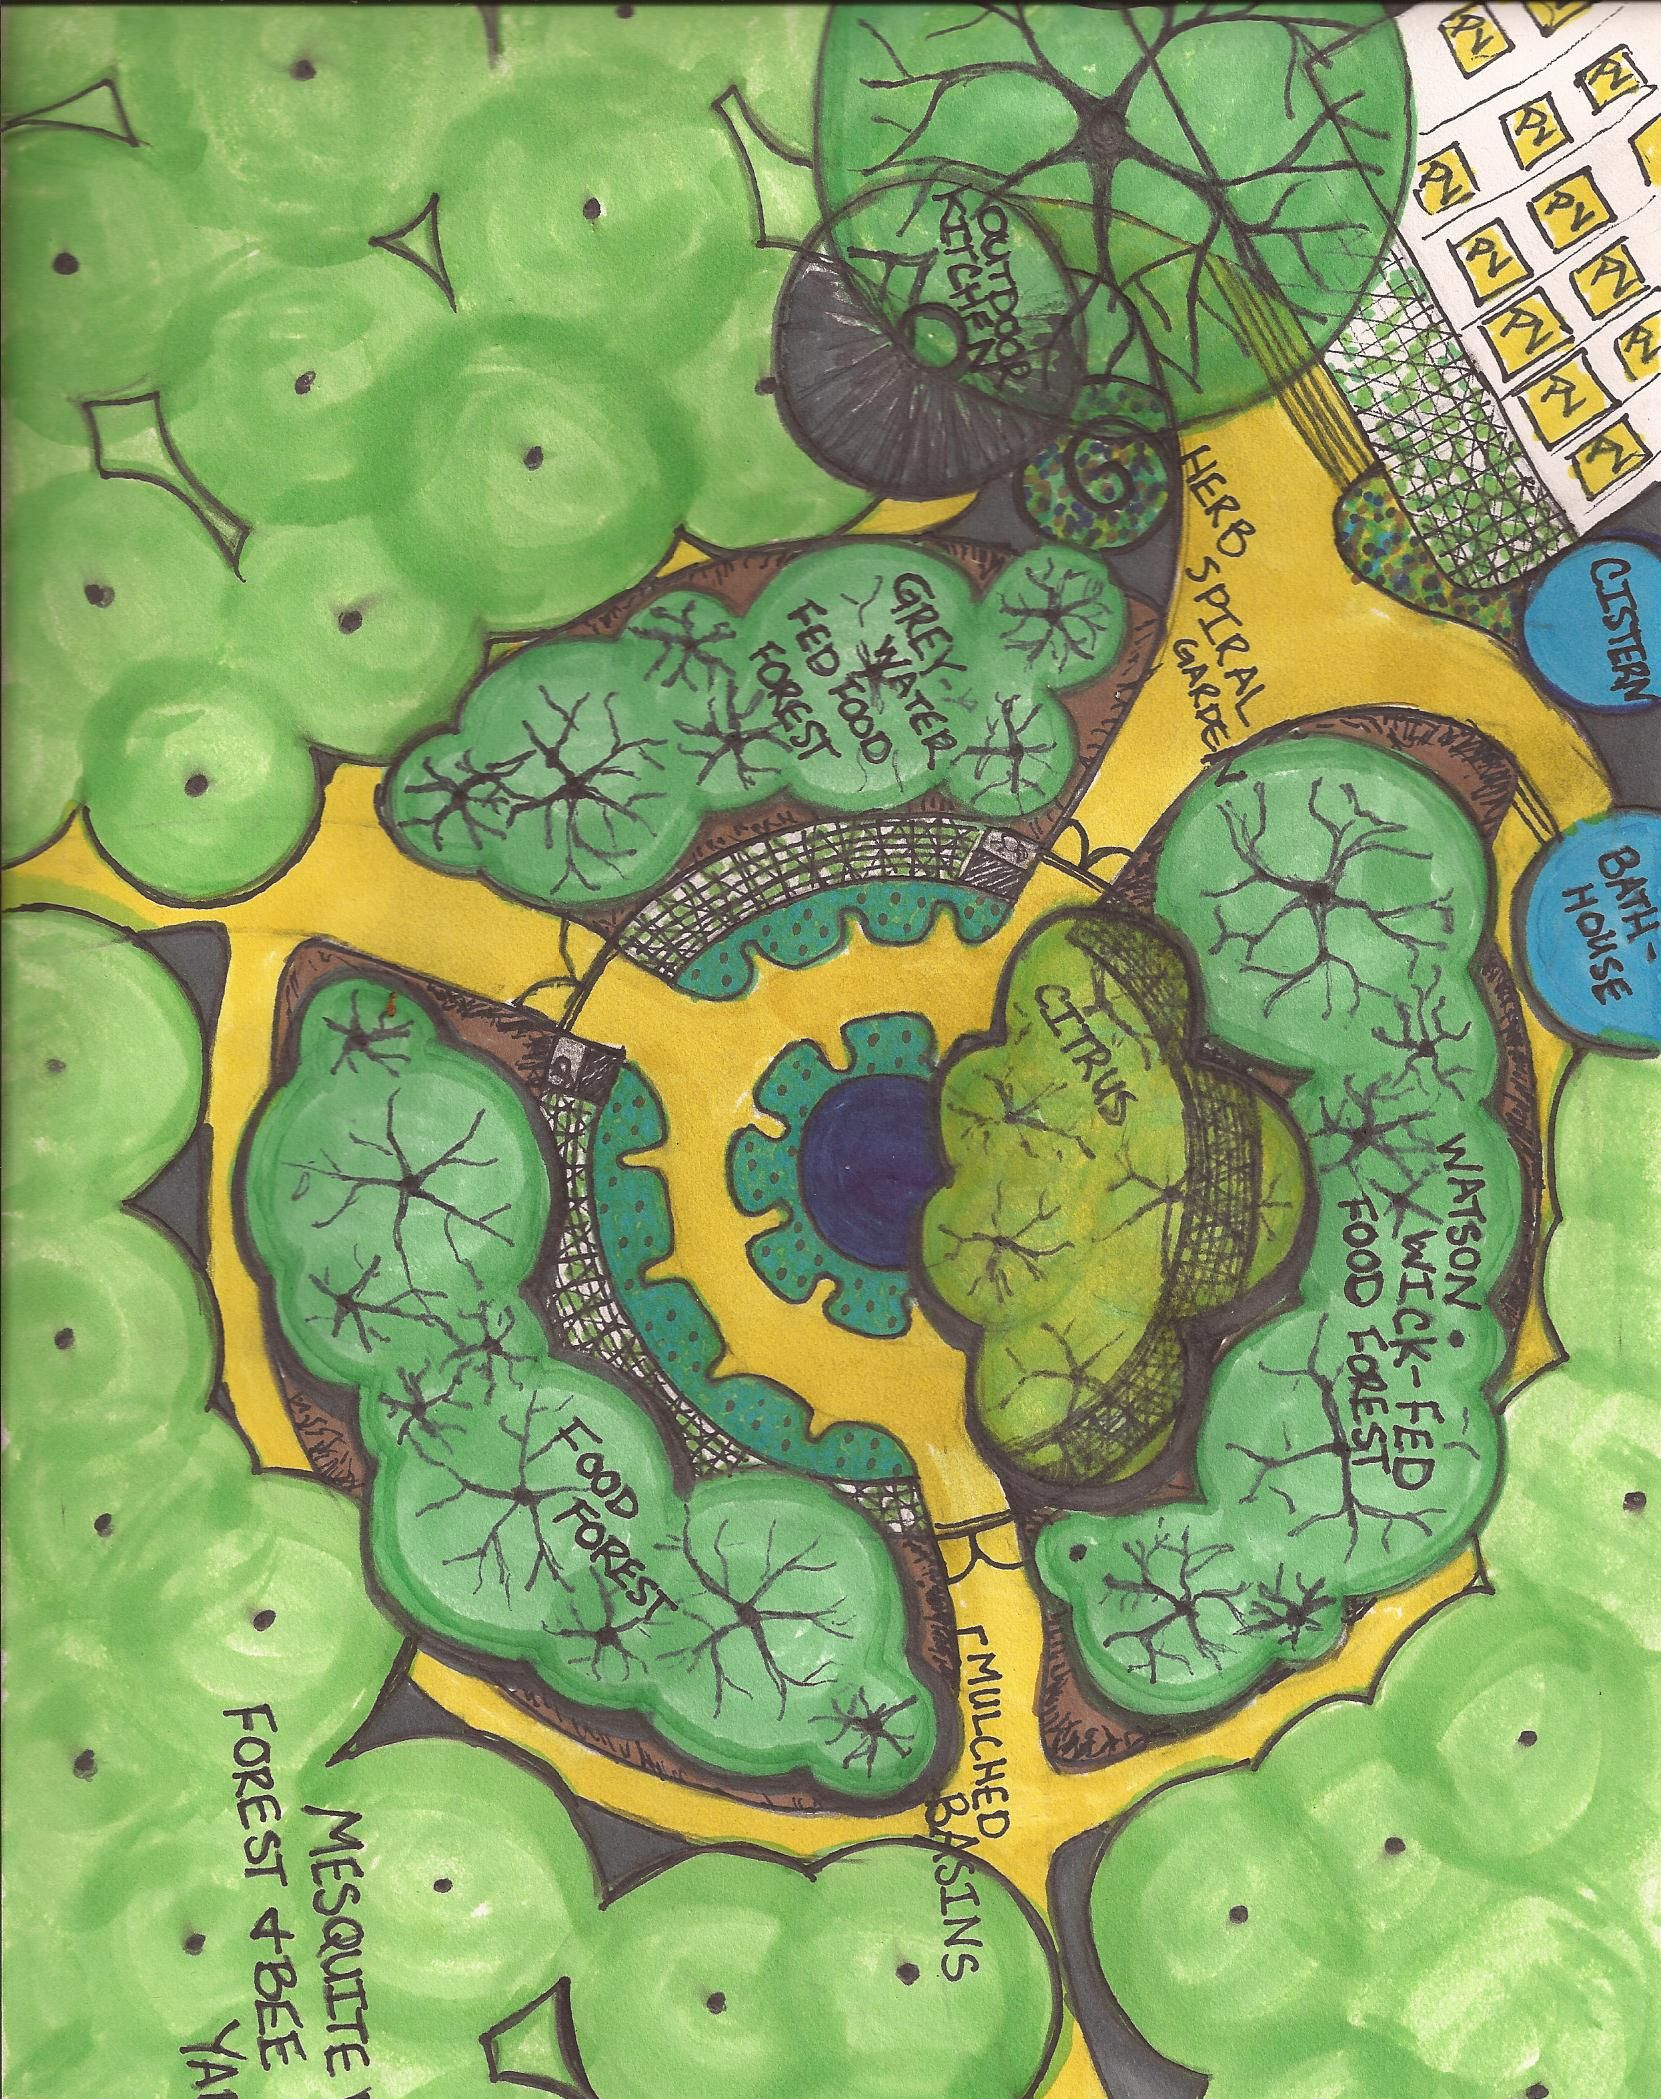 mandela gardening klorofyl pinterest